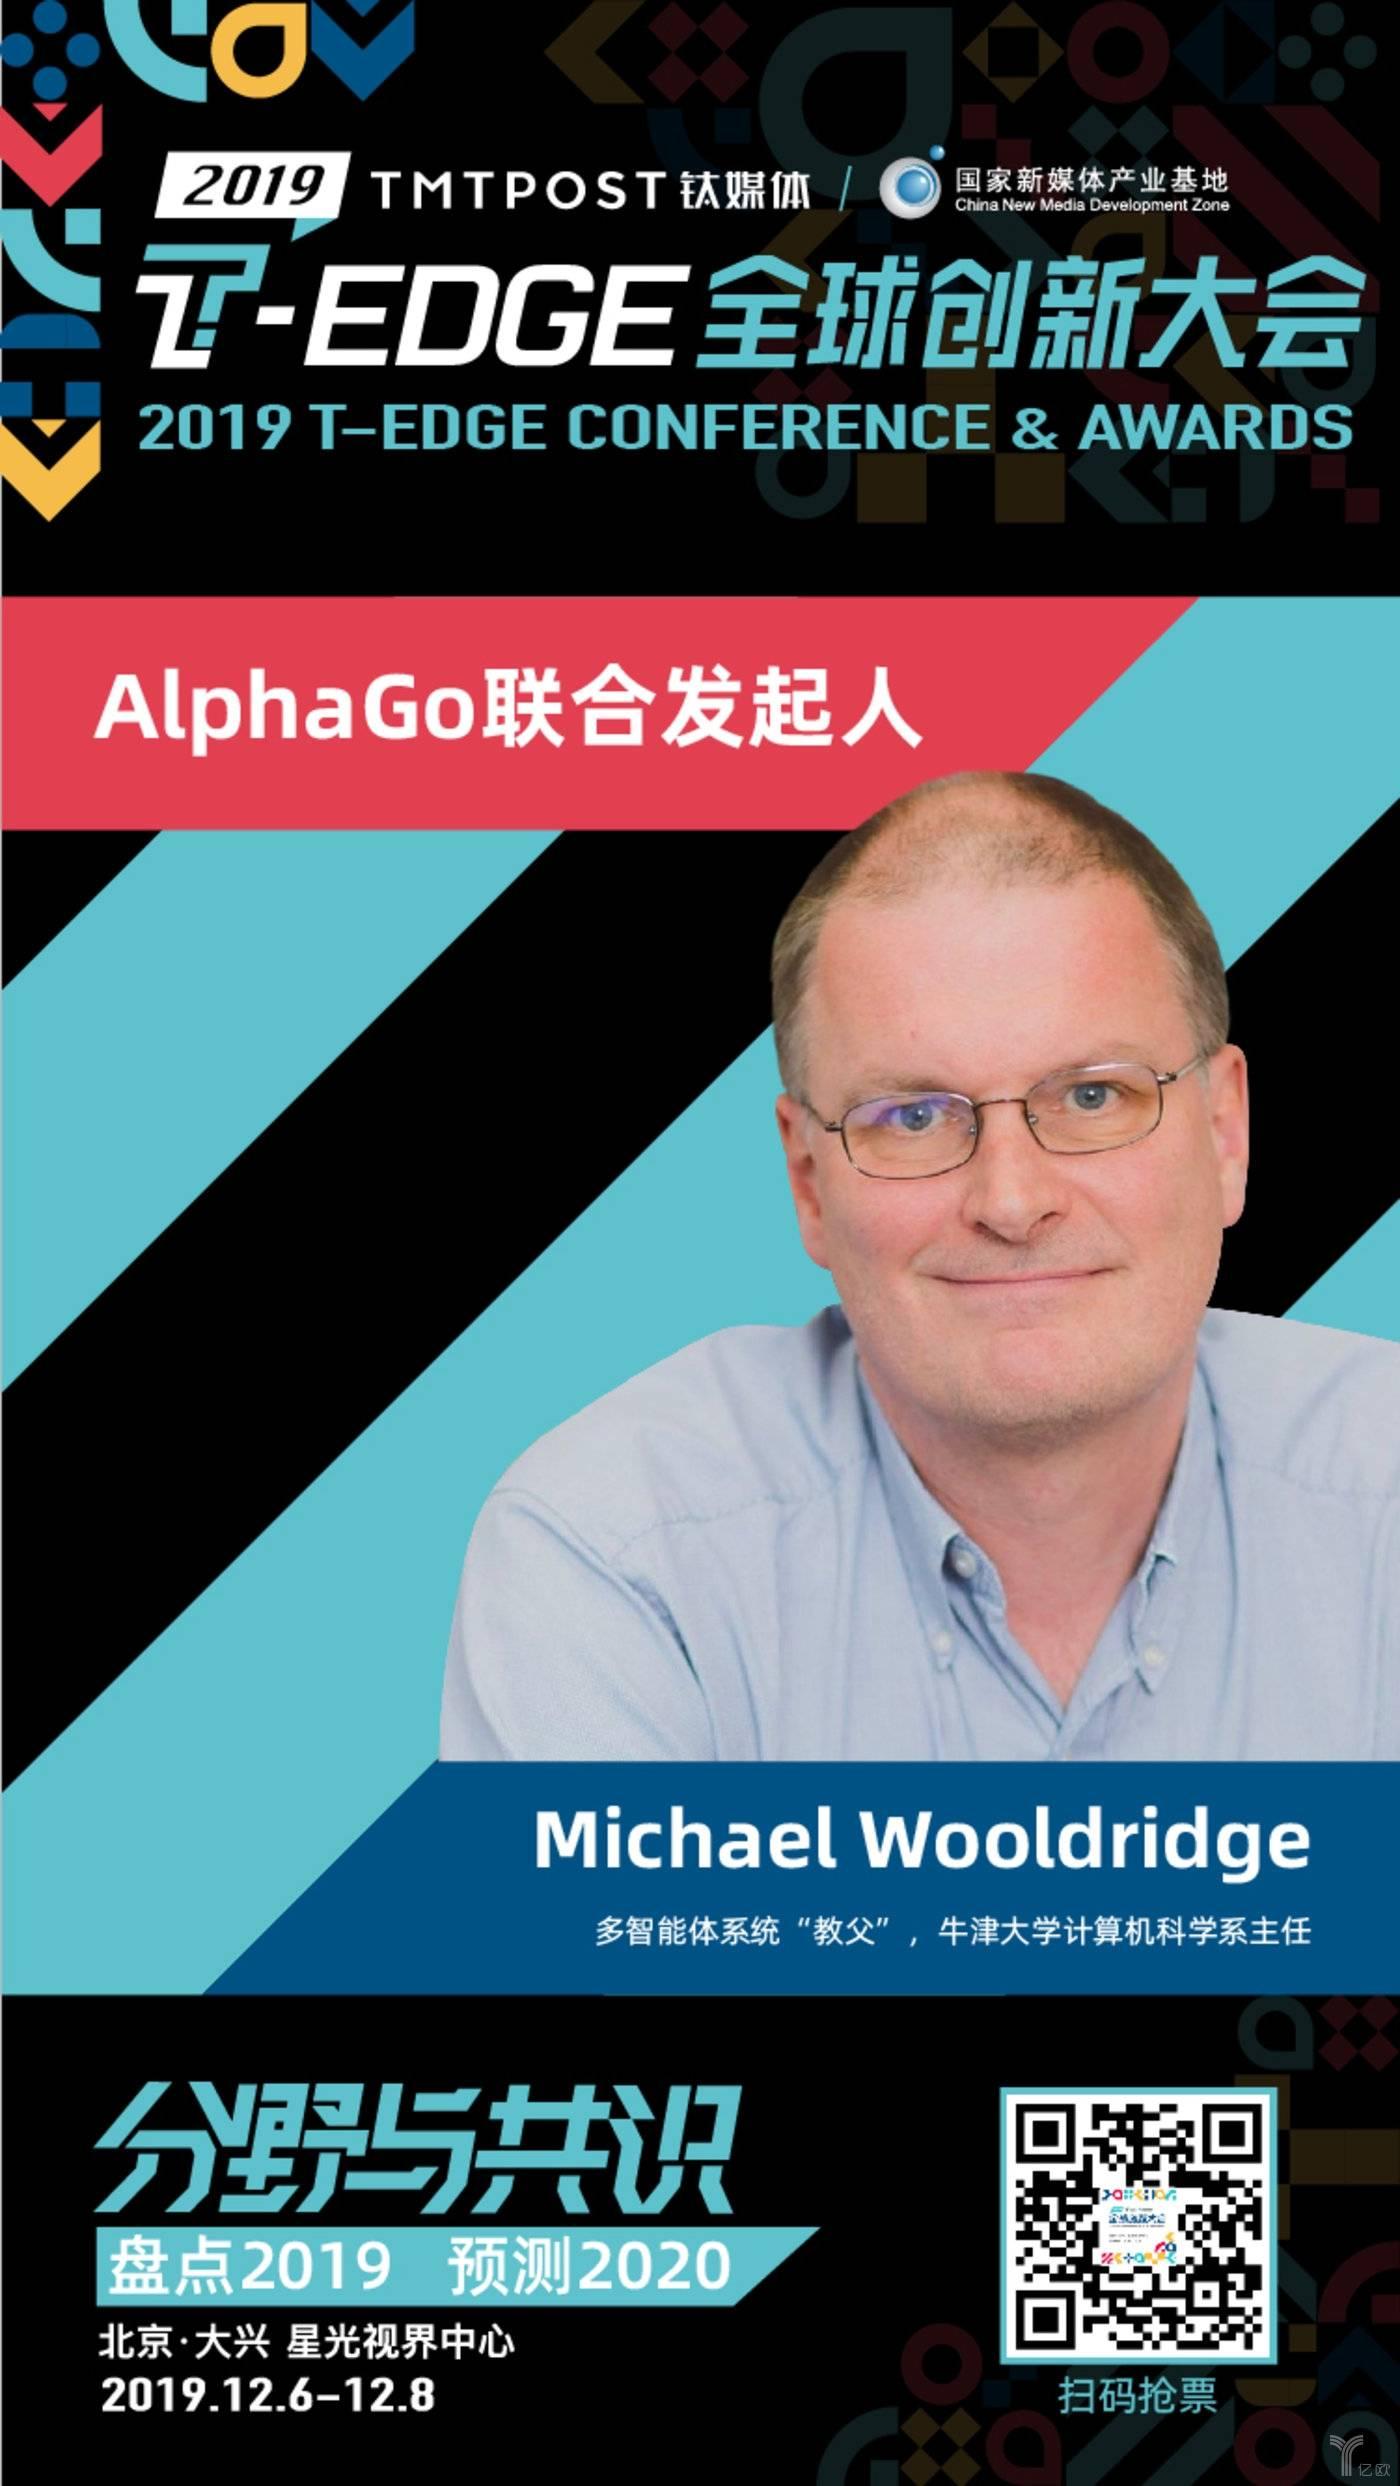 Michael Wooldridge.jpg